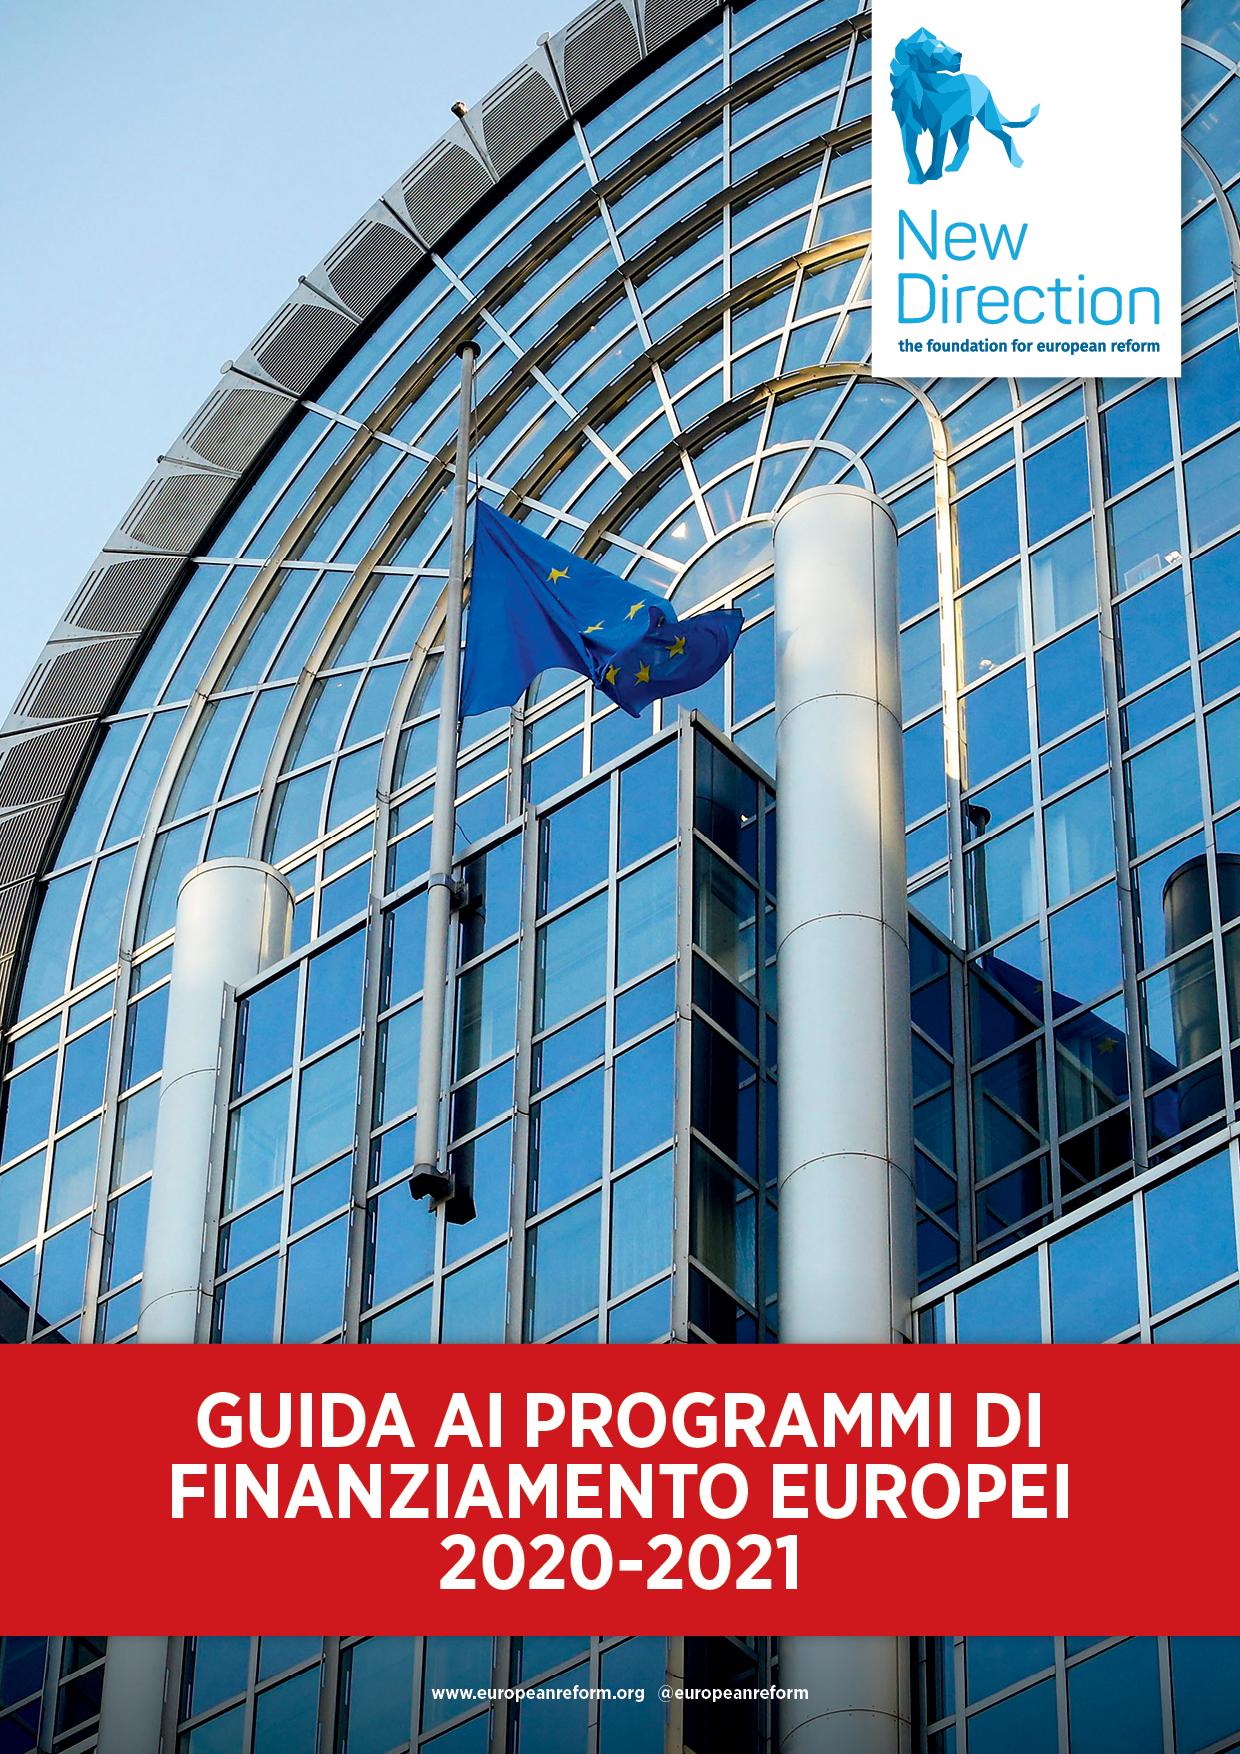 GUIDA AI PROGRAMMI DI FINANZIAMENTO EUROPEI 2020-2021